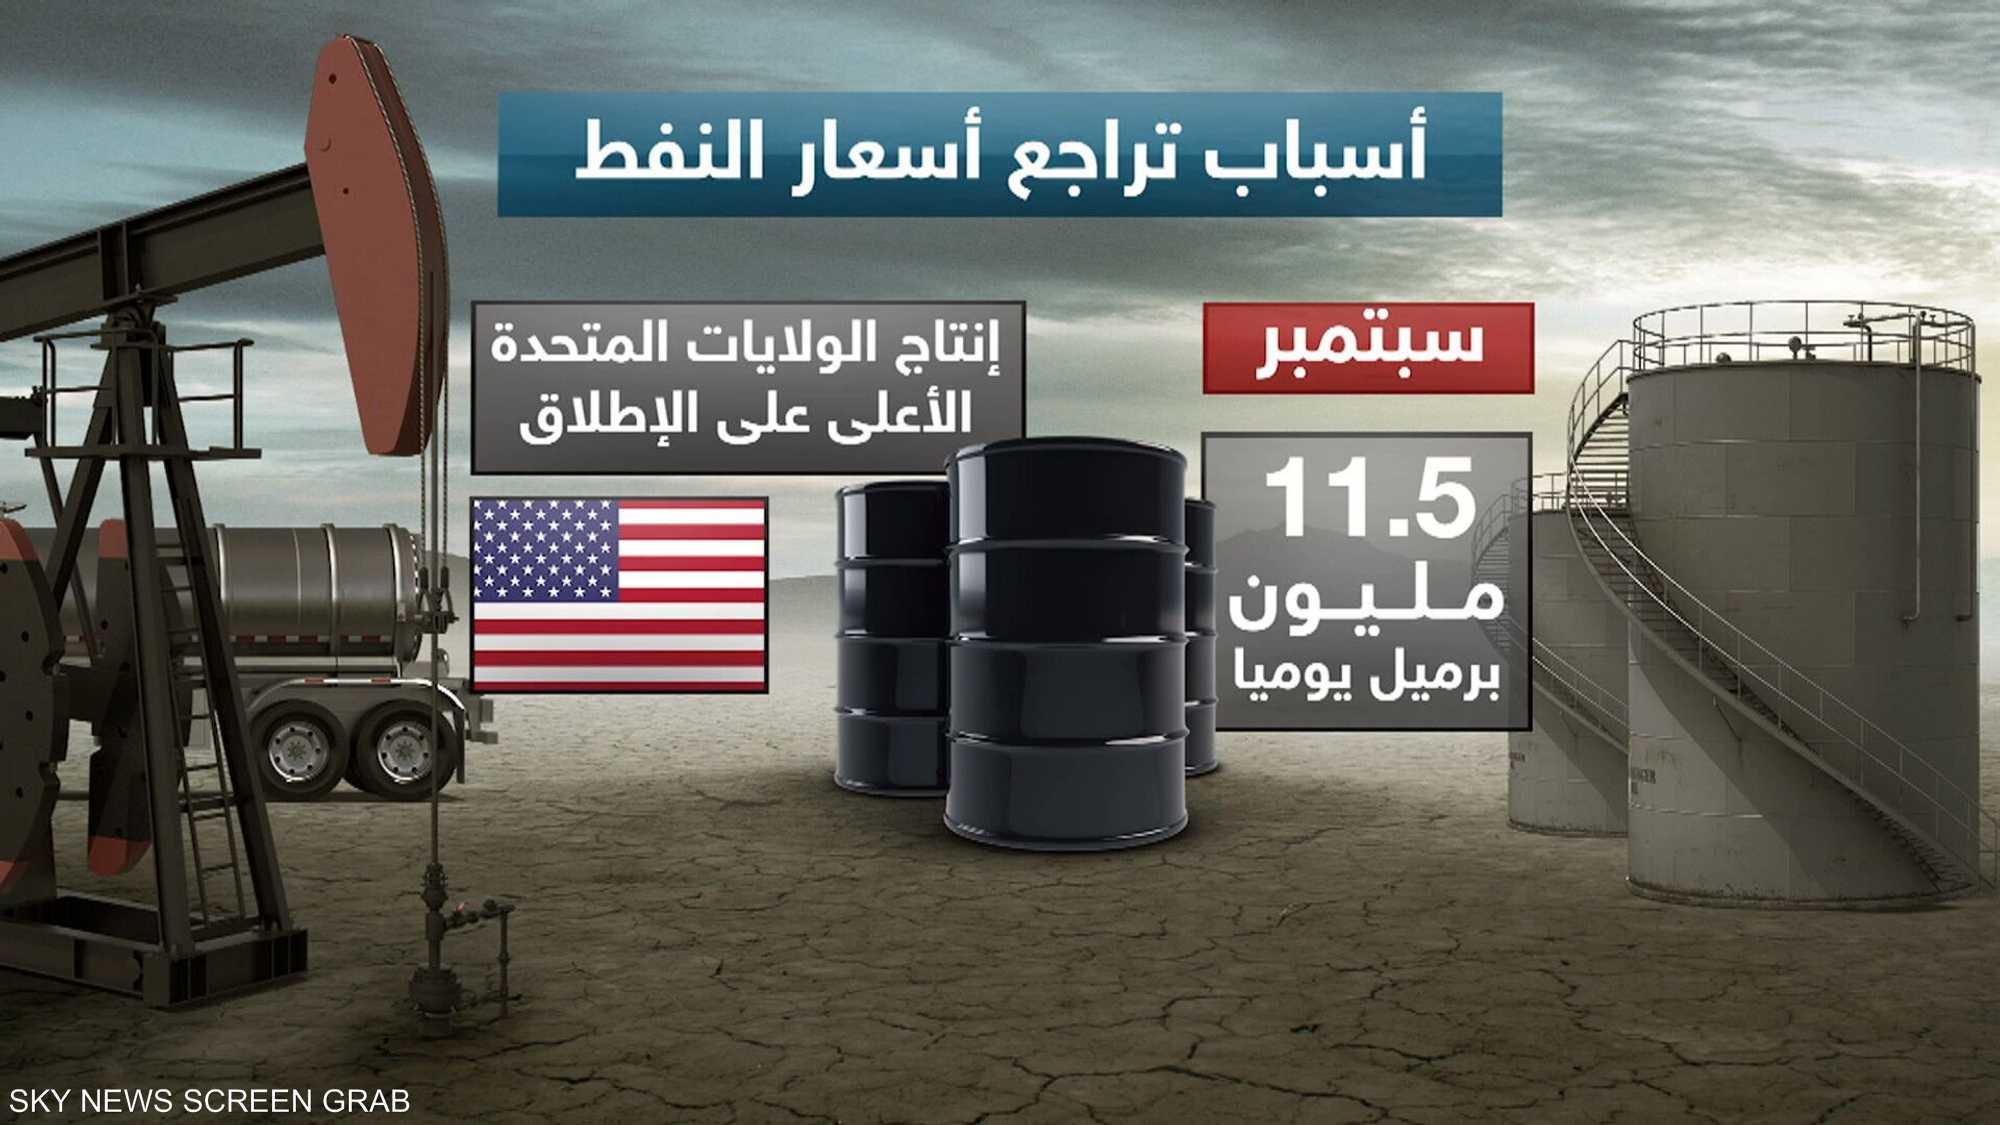 ترقب أسواق النفط لاجتماع منتجي أوبك والمستقلين في فيينا